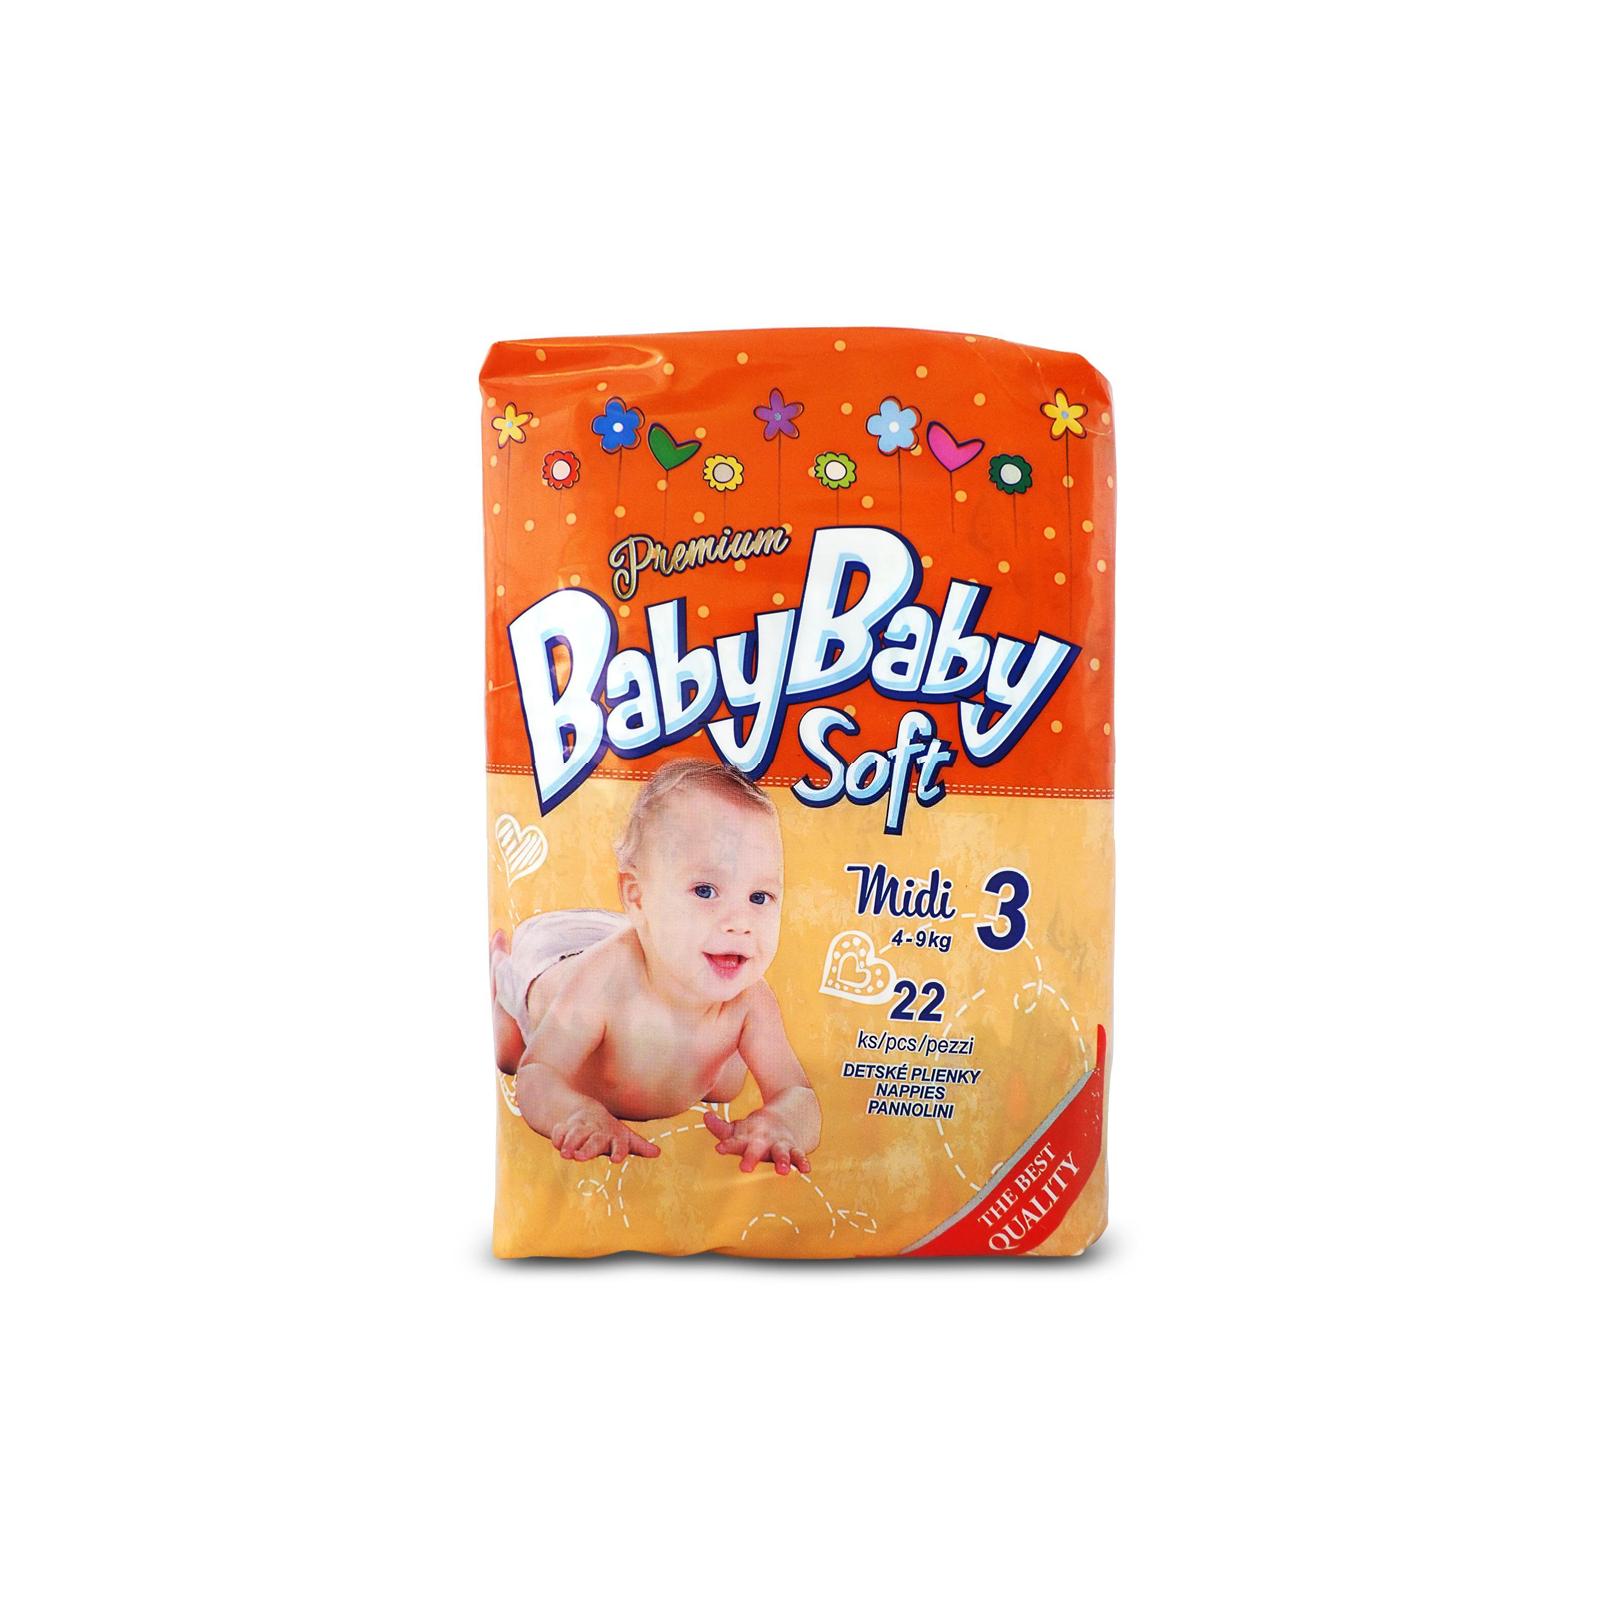 Подгузник BabyBaby Soft Premium Midi 3 (4-9 кг) 22 шт (8588004865518)